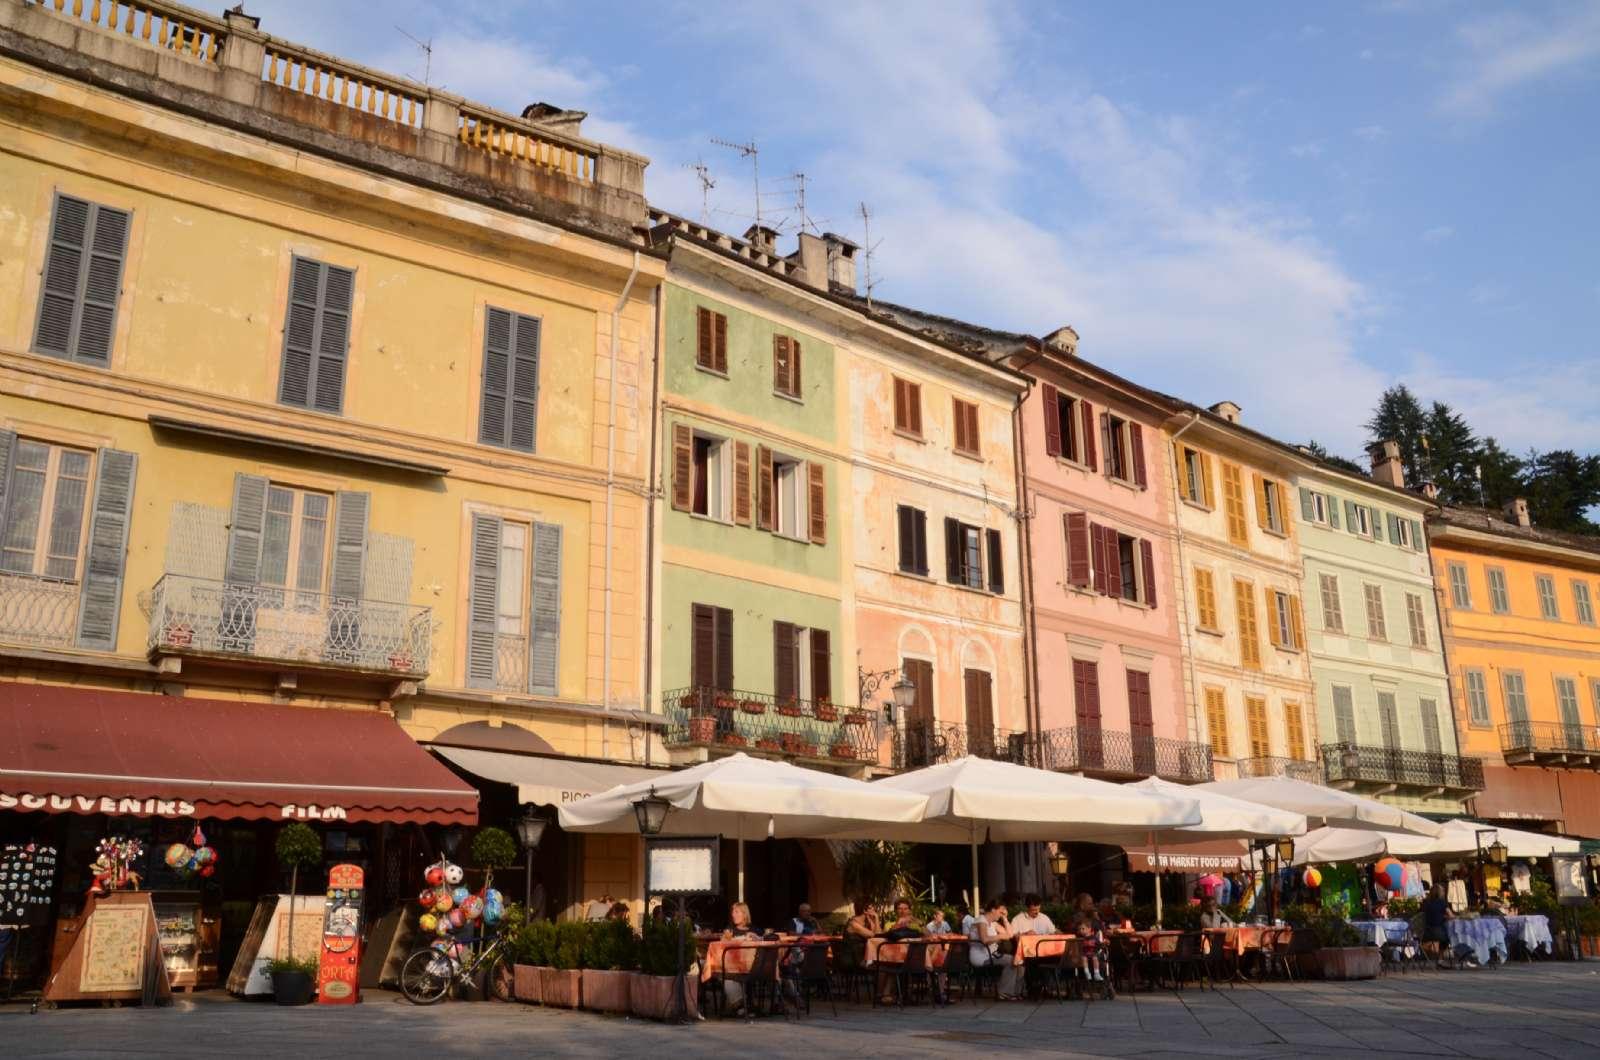 Den centrale plads 'Piazza Motta' i Orta San Giulio